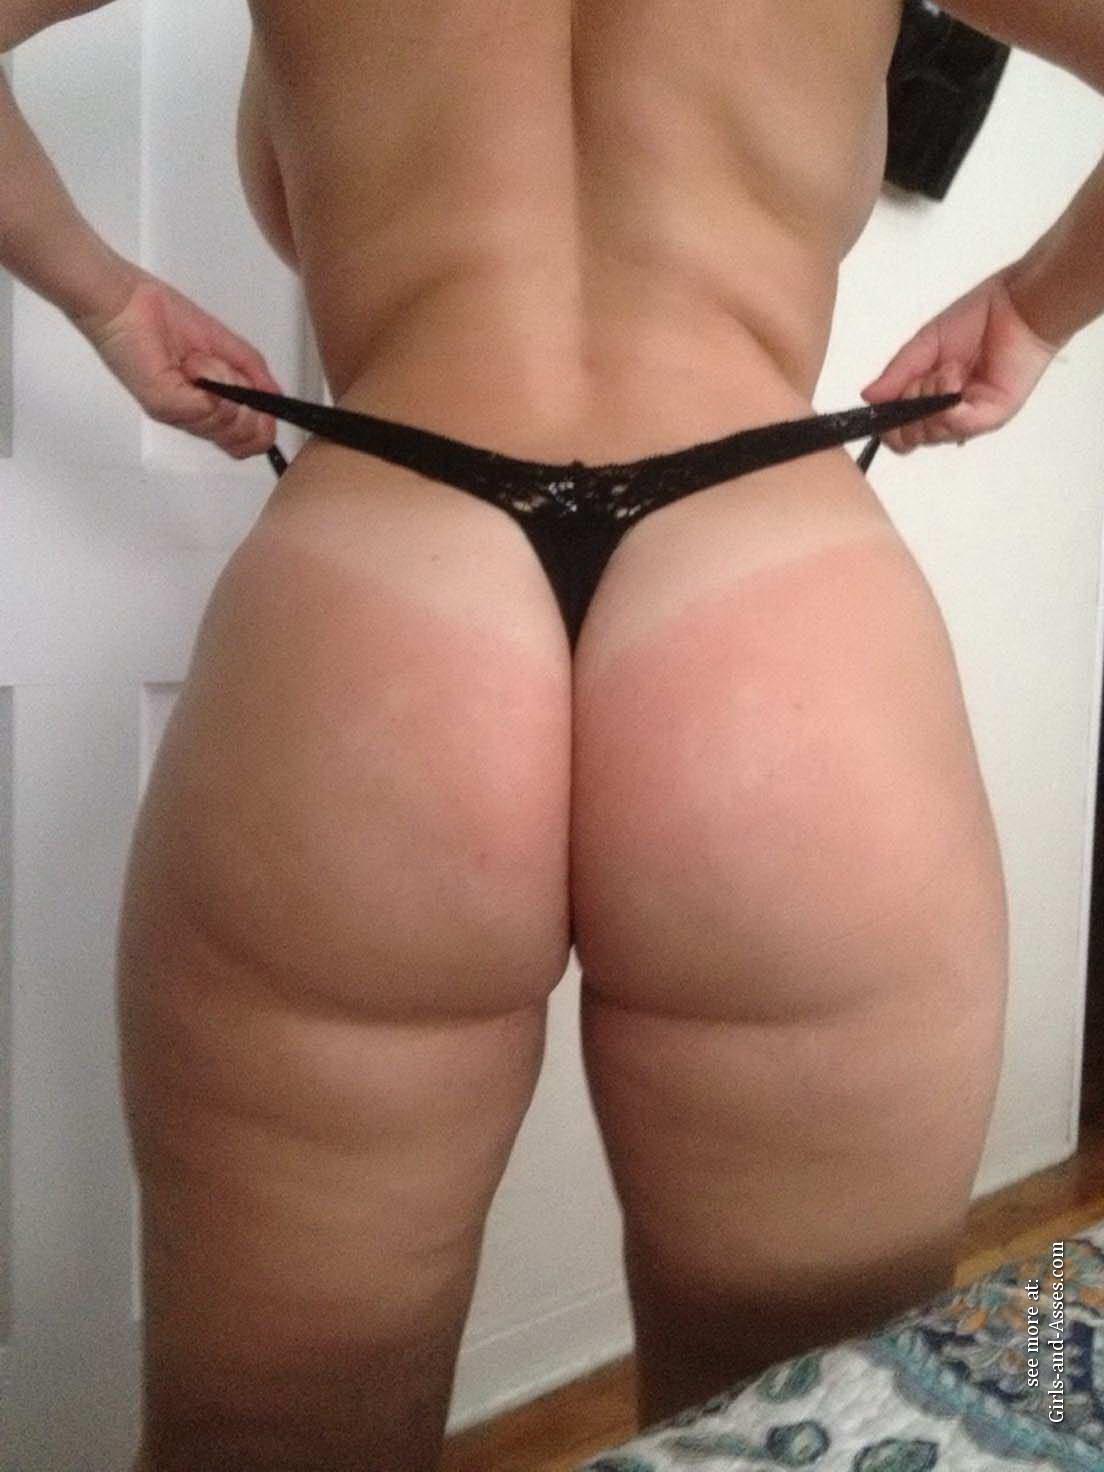 amateur hot homemade nude ass 00247